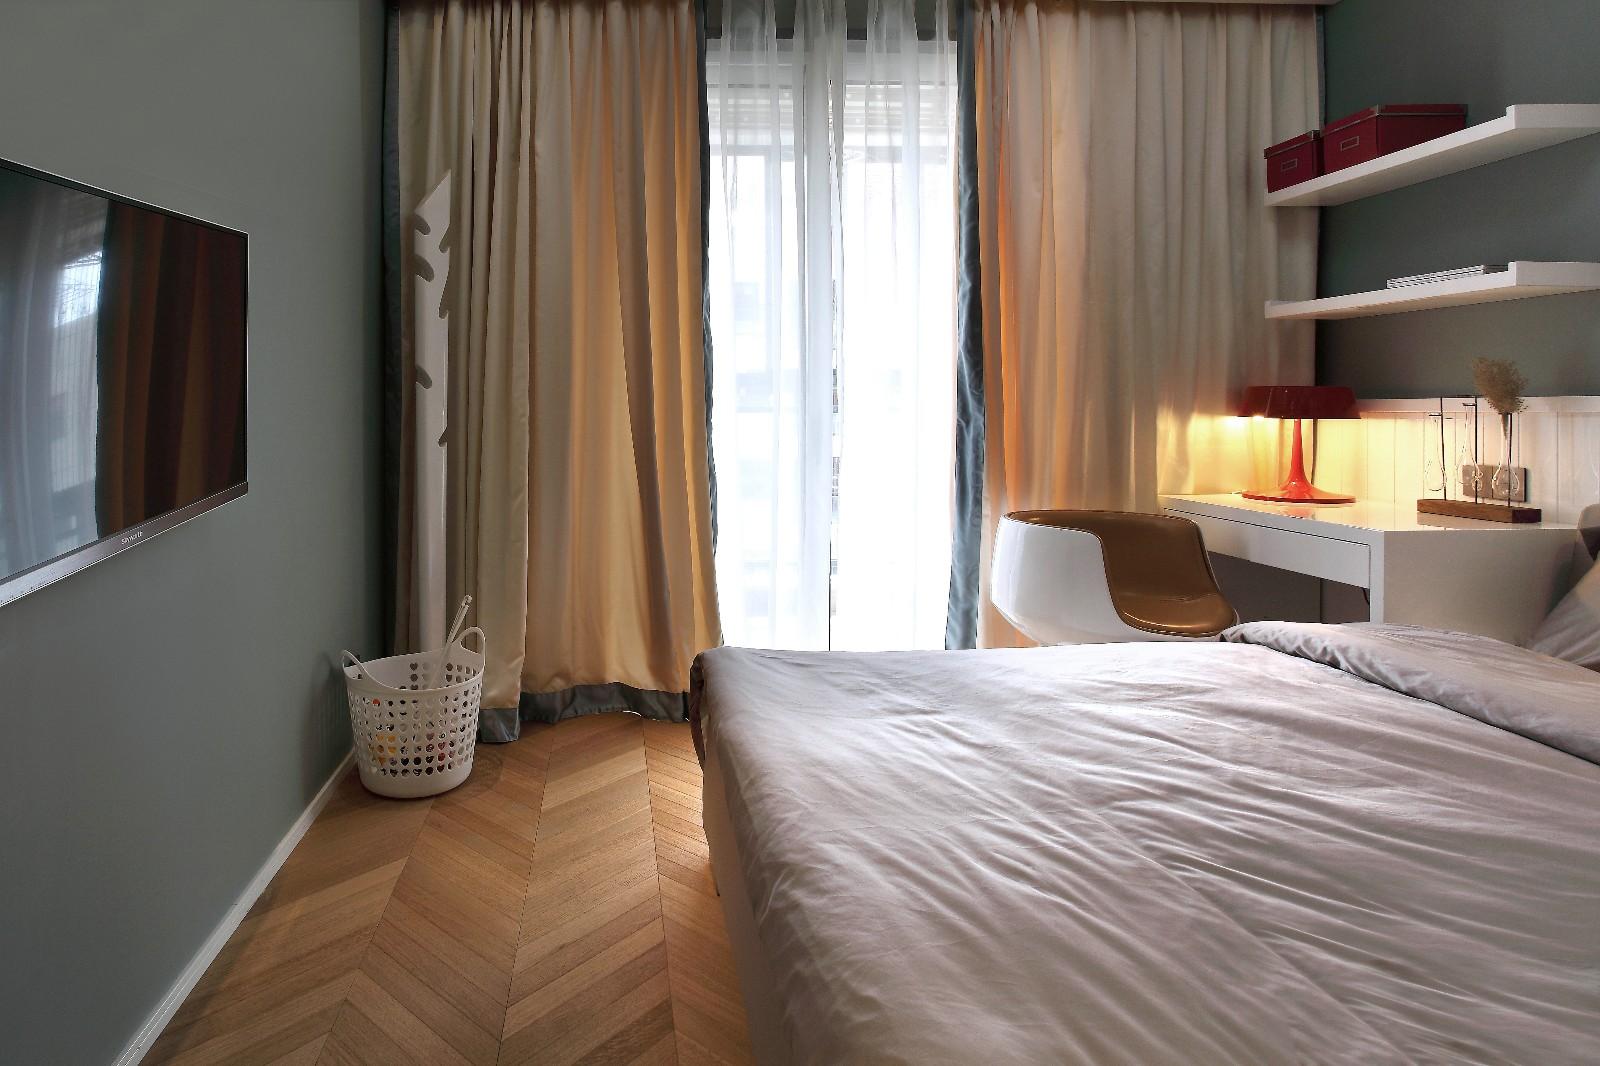 142㎡现代简约风格卧室窗帘装修效果图